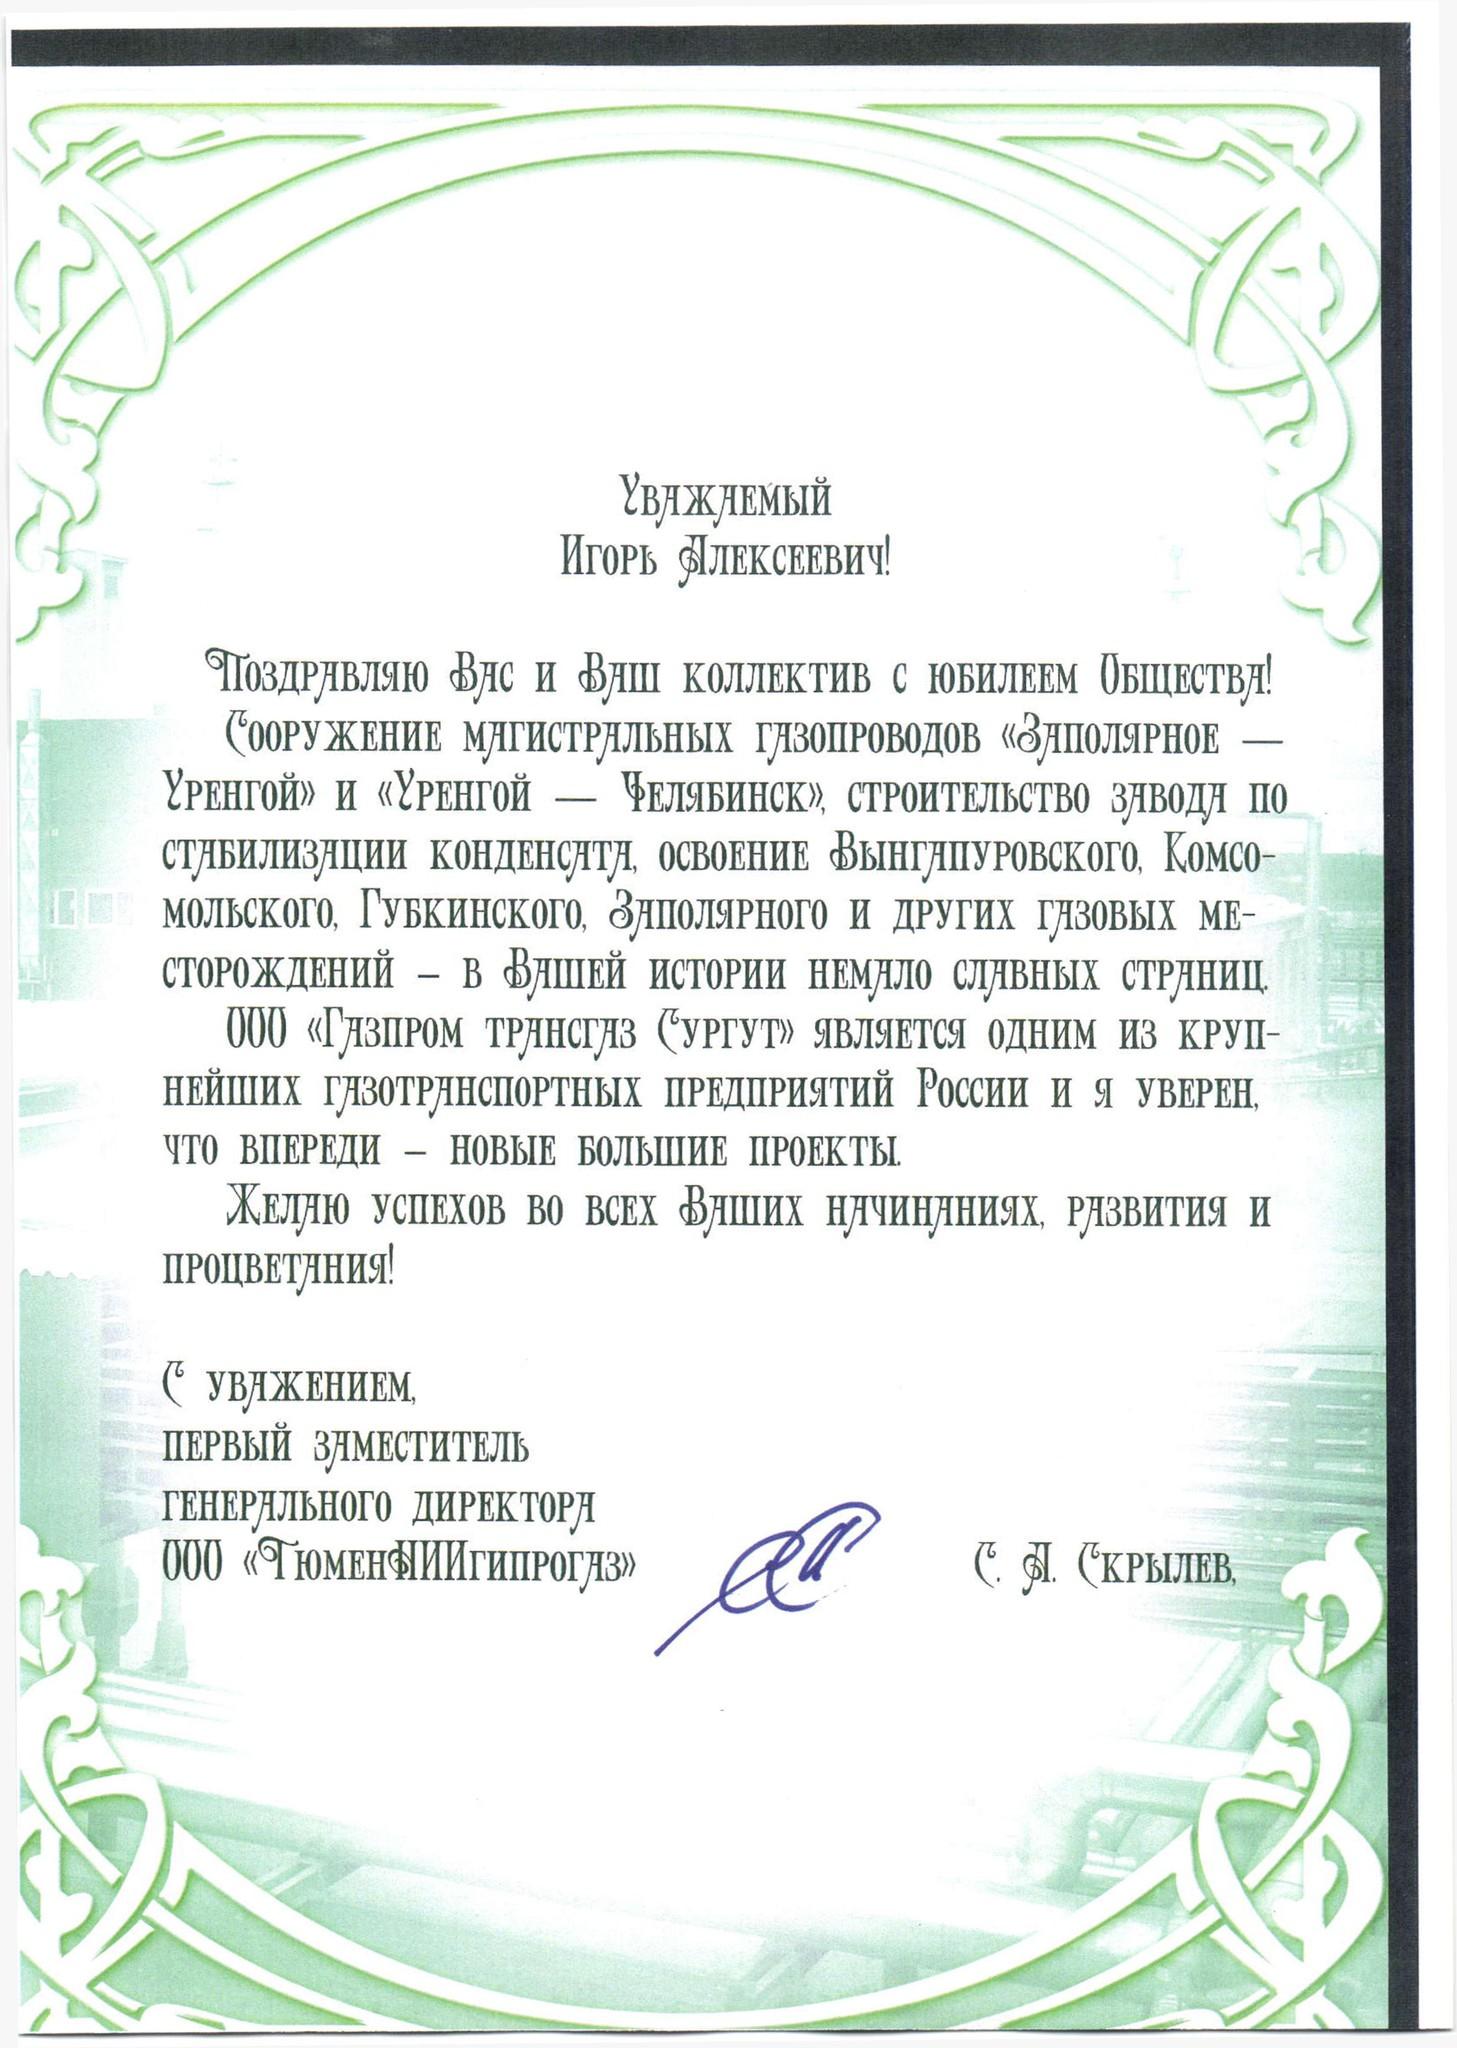 Поздравления с днем рождения зам директора - Поздравок 75